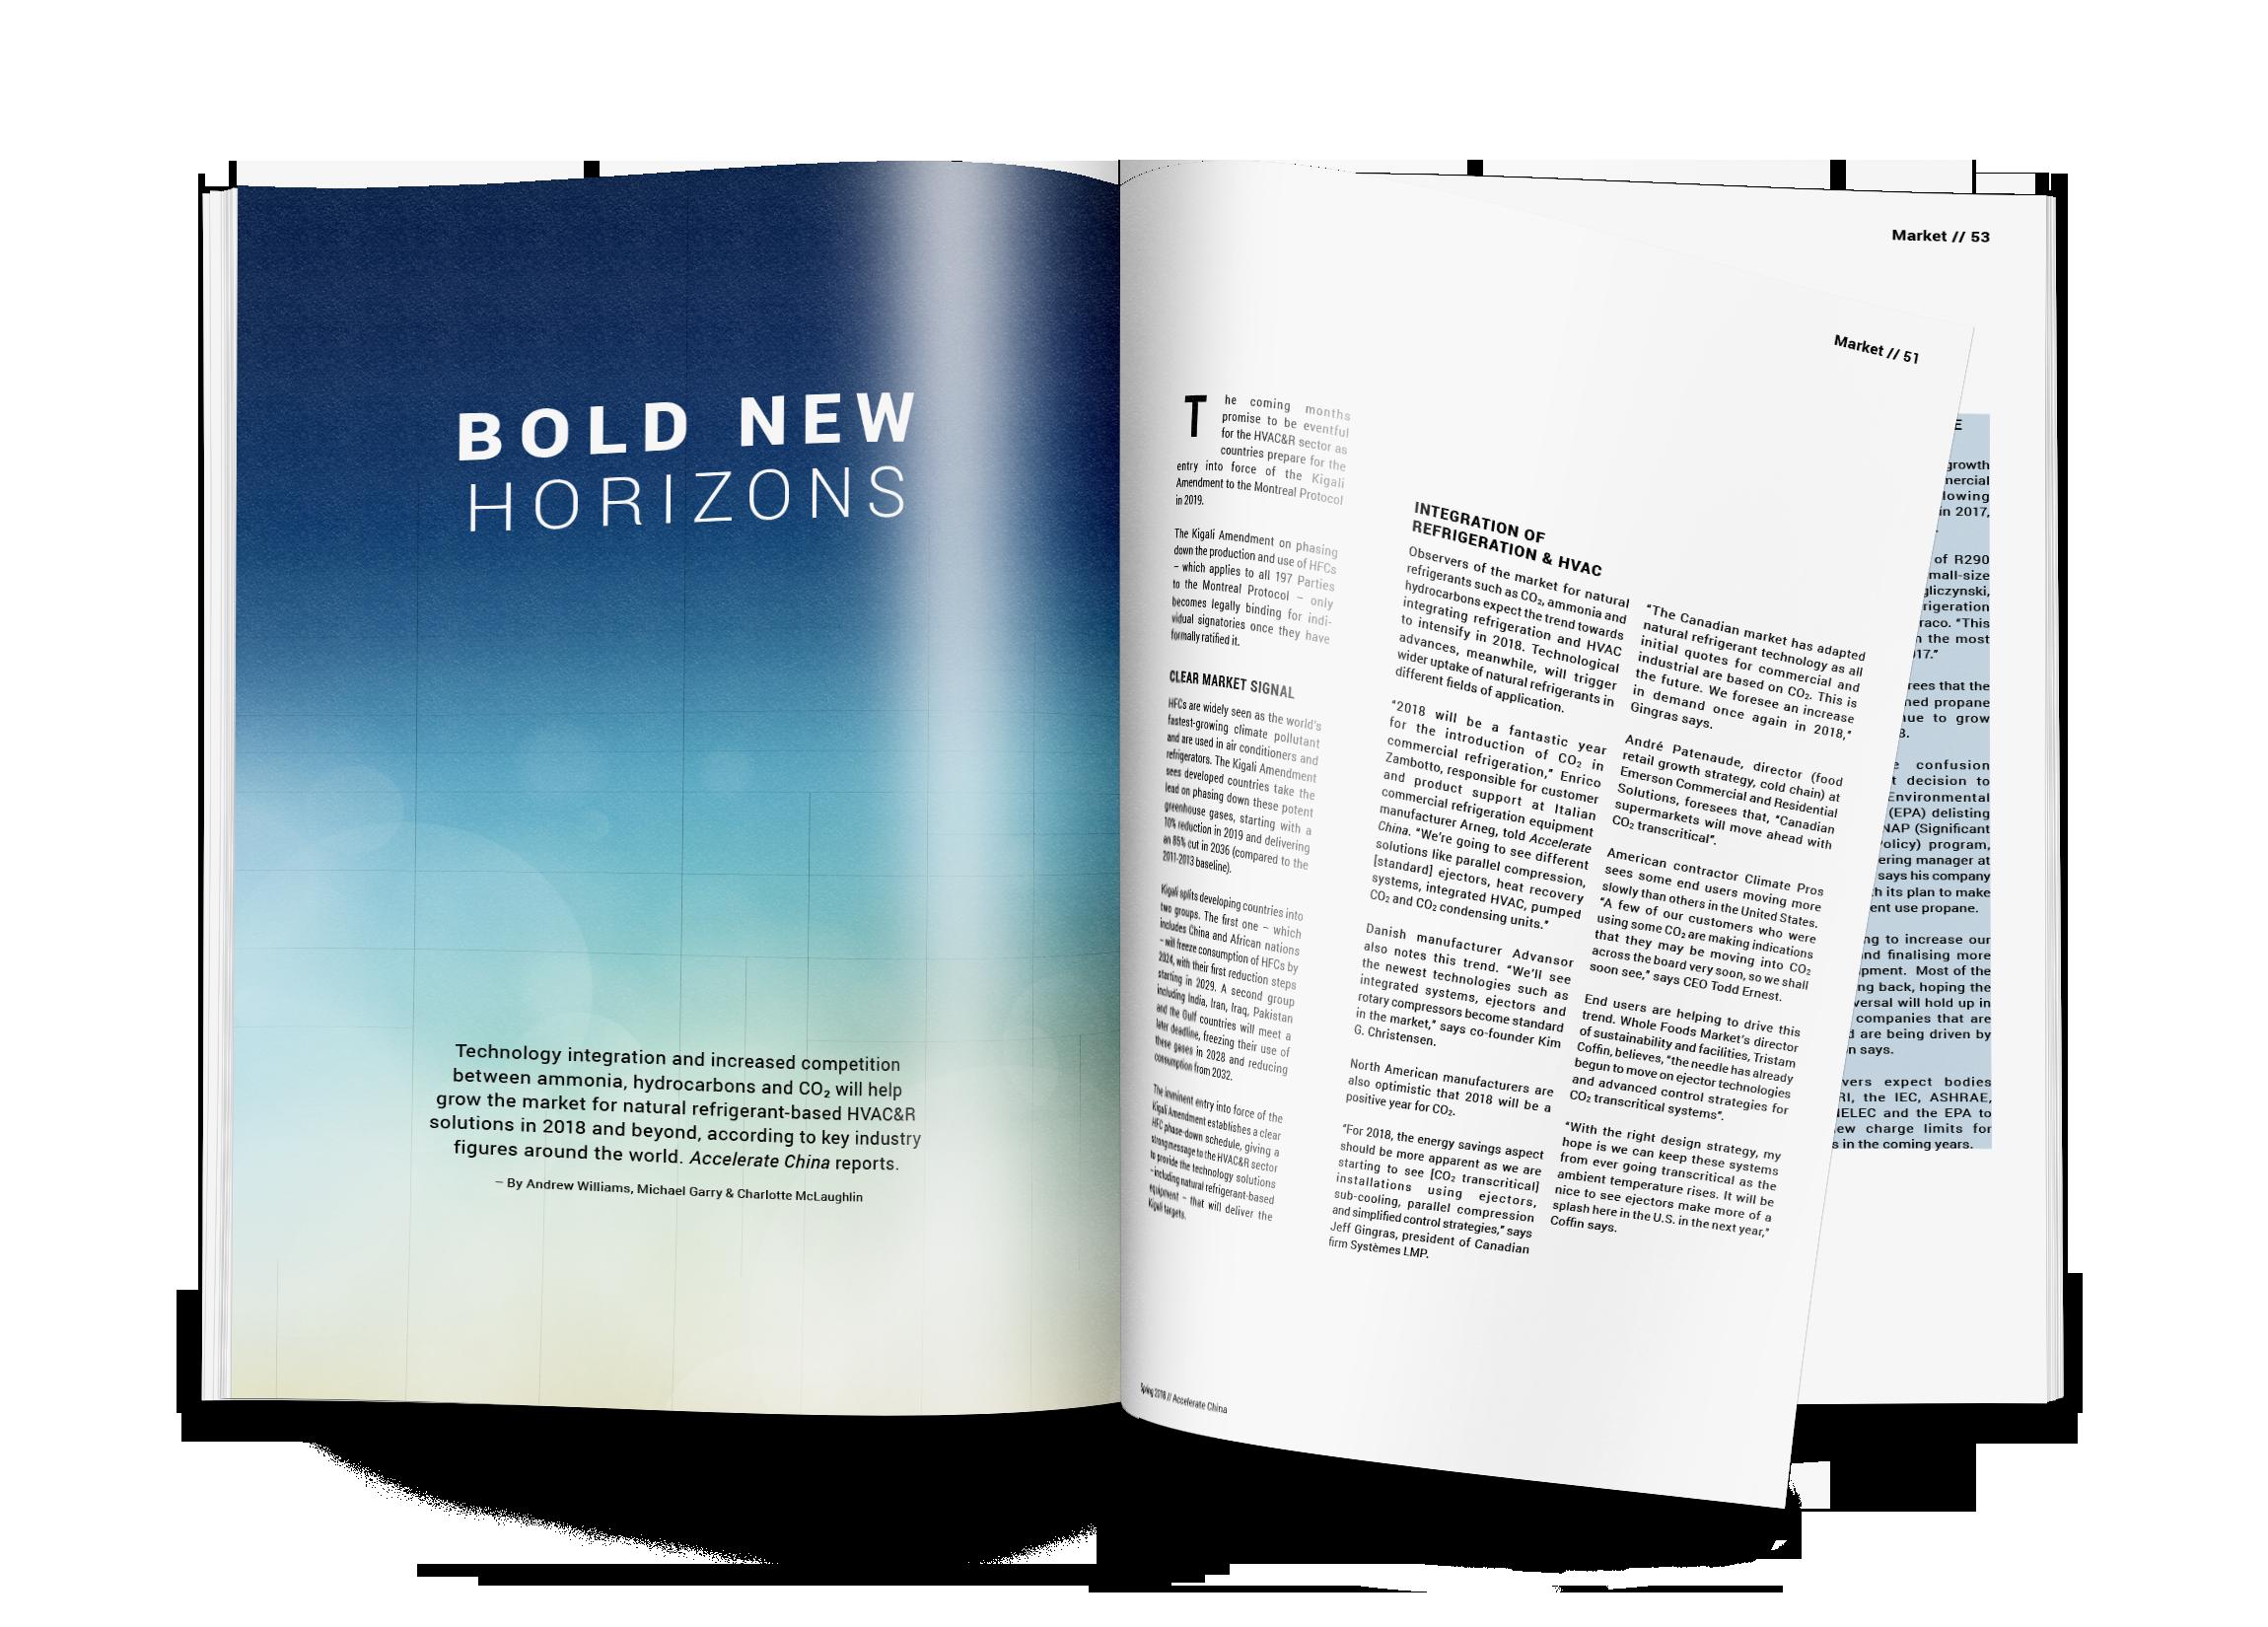 Bold New Horizons